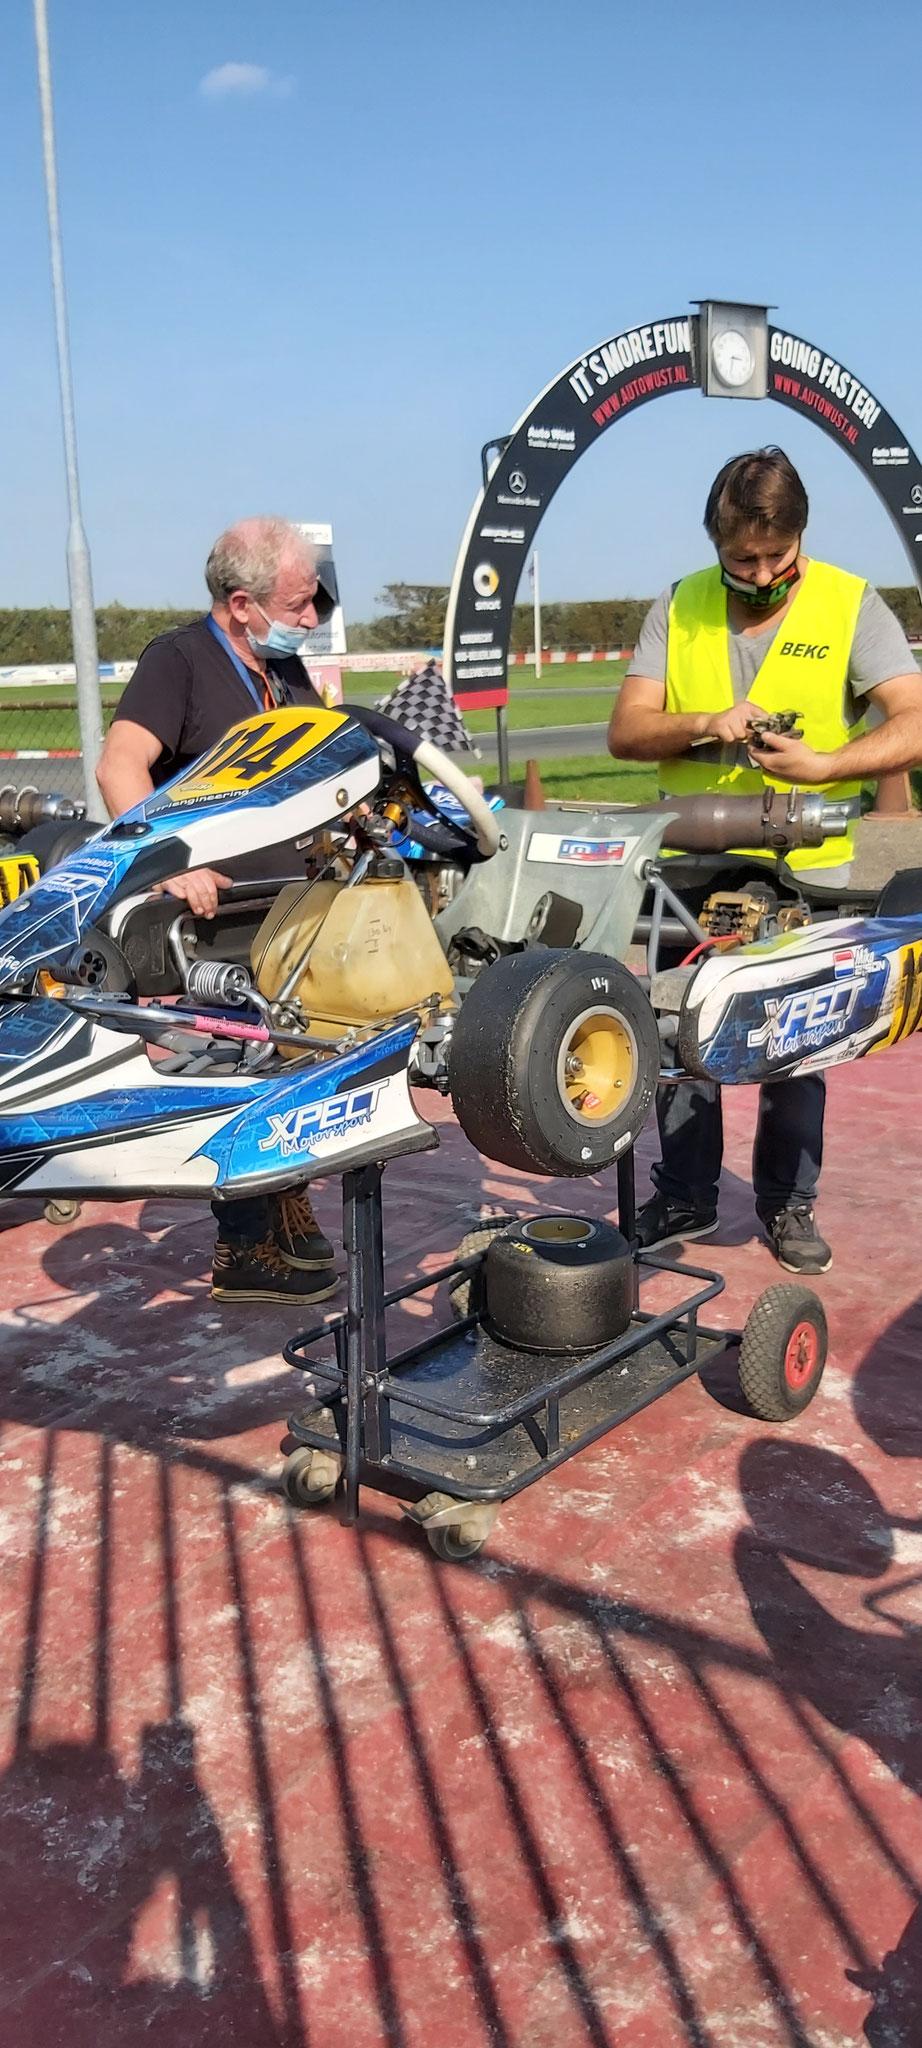 Na de race moet de top 3 een extra technische controle uit laten voeren.